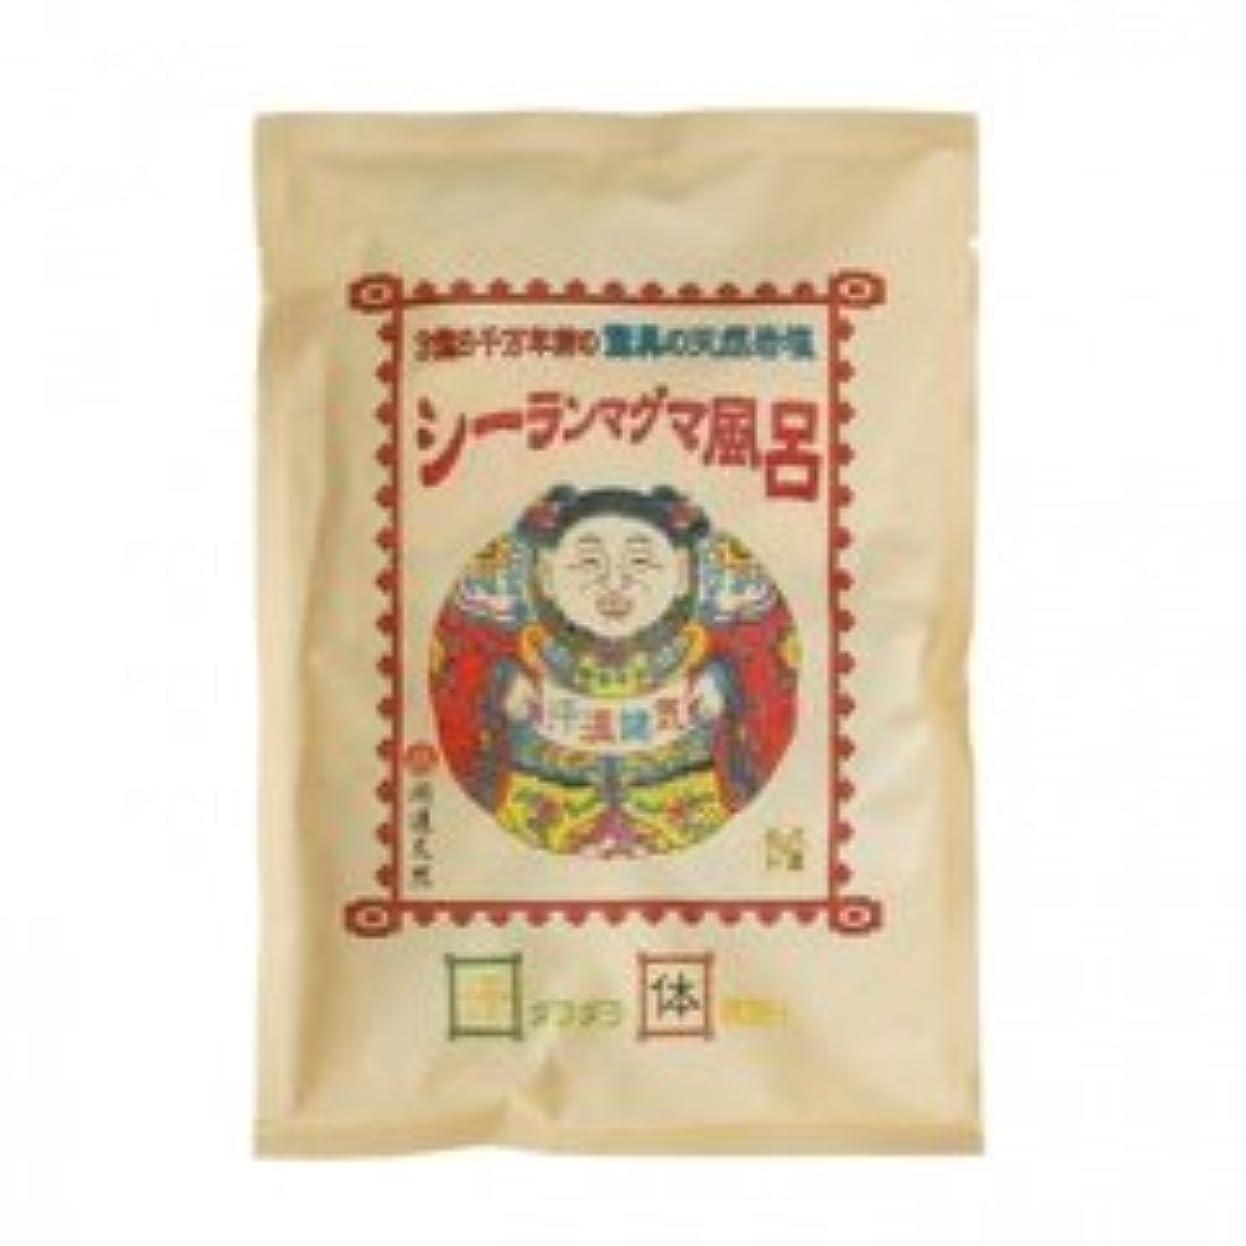 シャイ代替低い元祖シーランマグマ風呂 25g×45